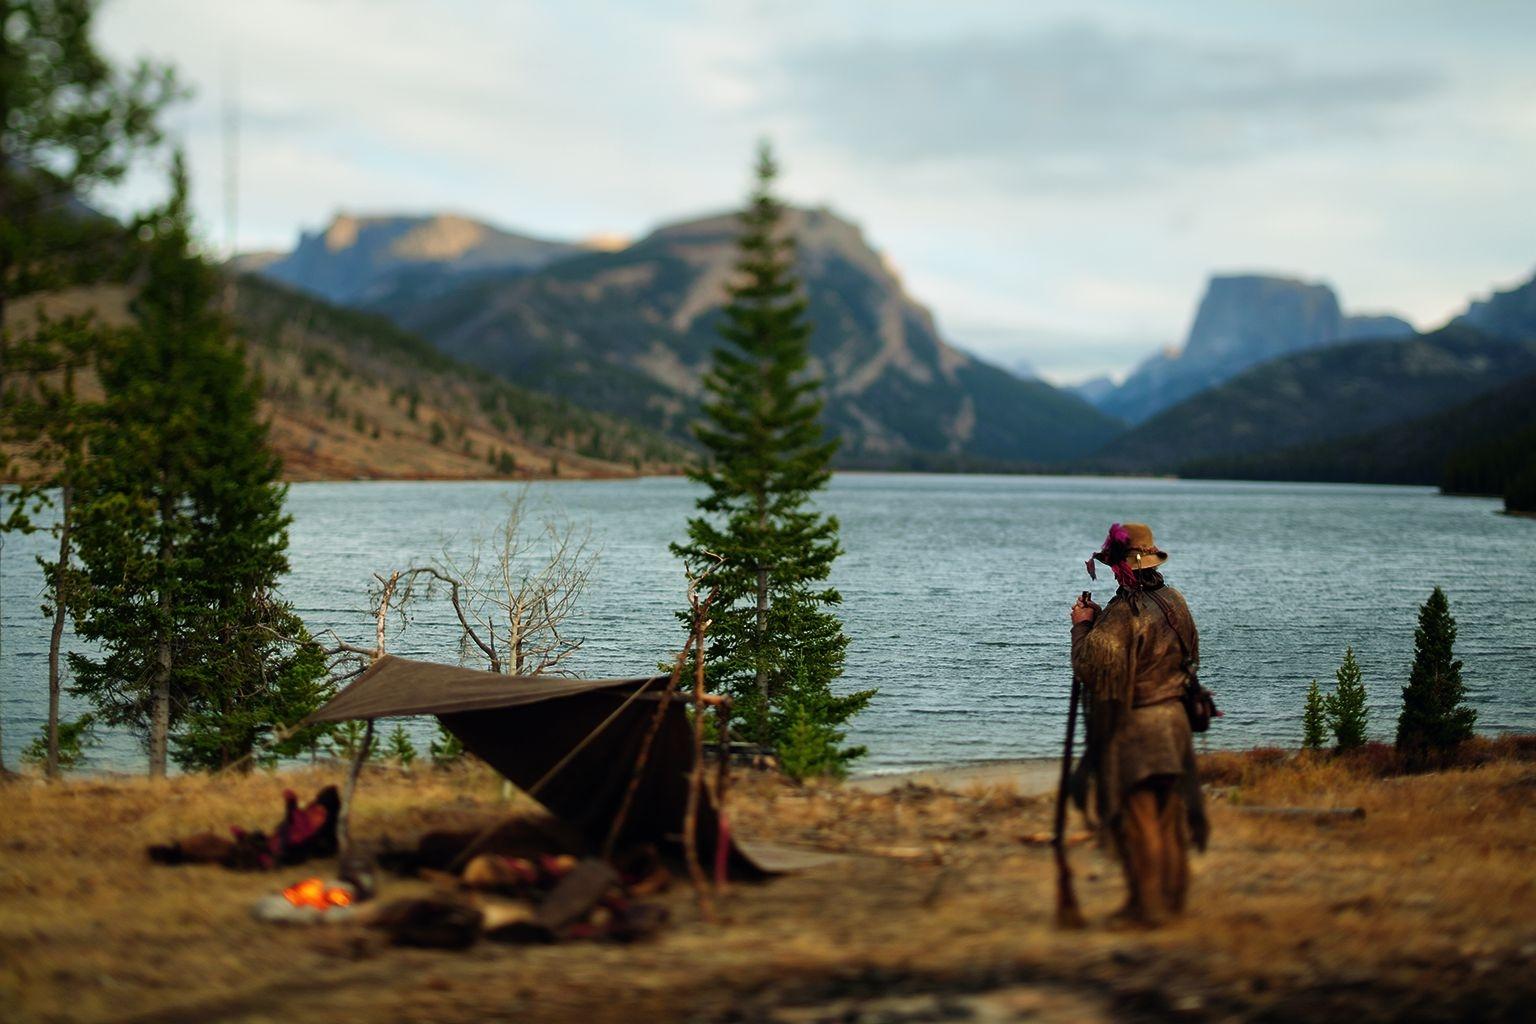 來自懷俄明州傑克孫谷的旅行用品商暨嚮導理查.「靈馬獵人」.阿士伯恩,遠眺布里傑-提頓國家森林的格林里弗湖。攝影:大衛.柏內特 DAVID BURNETT